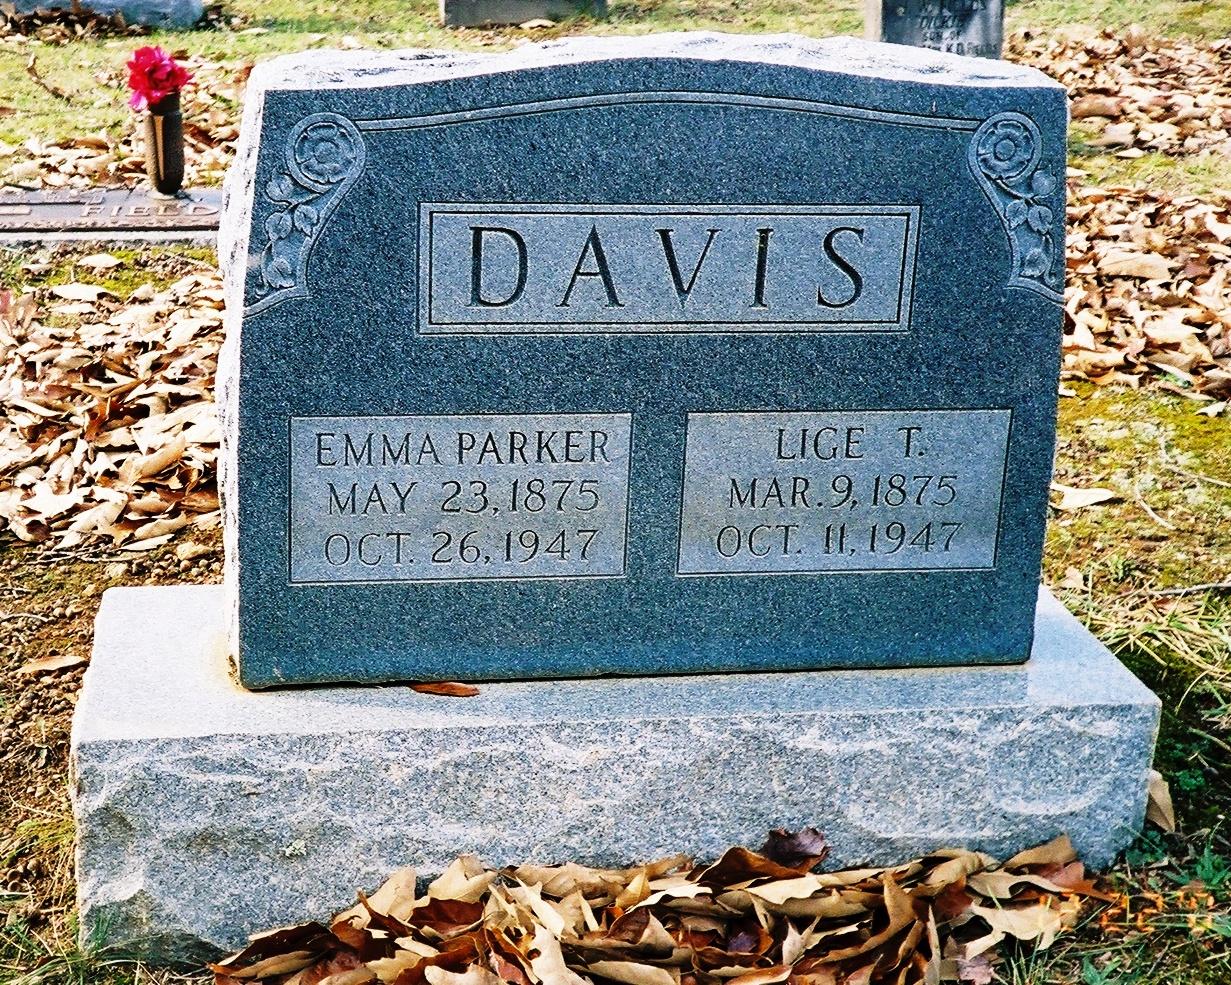 Dock W Davis